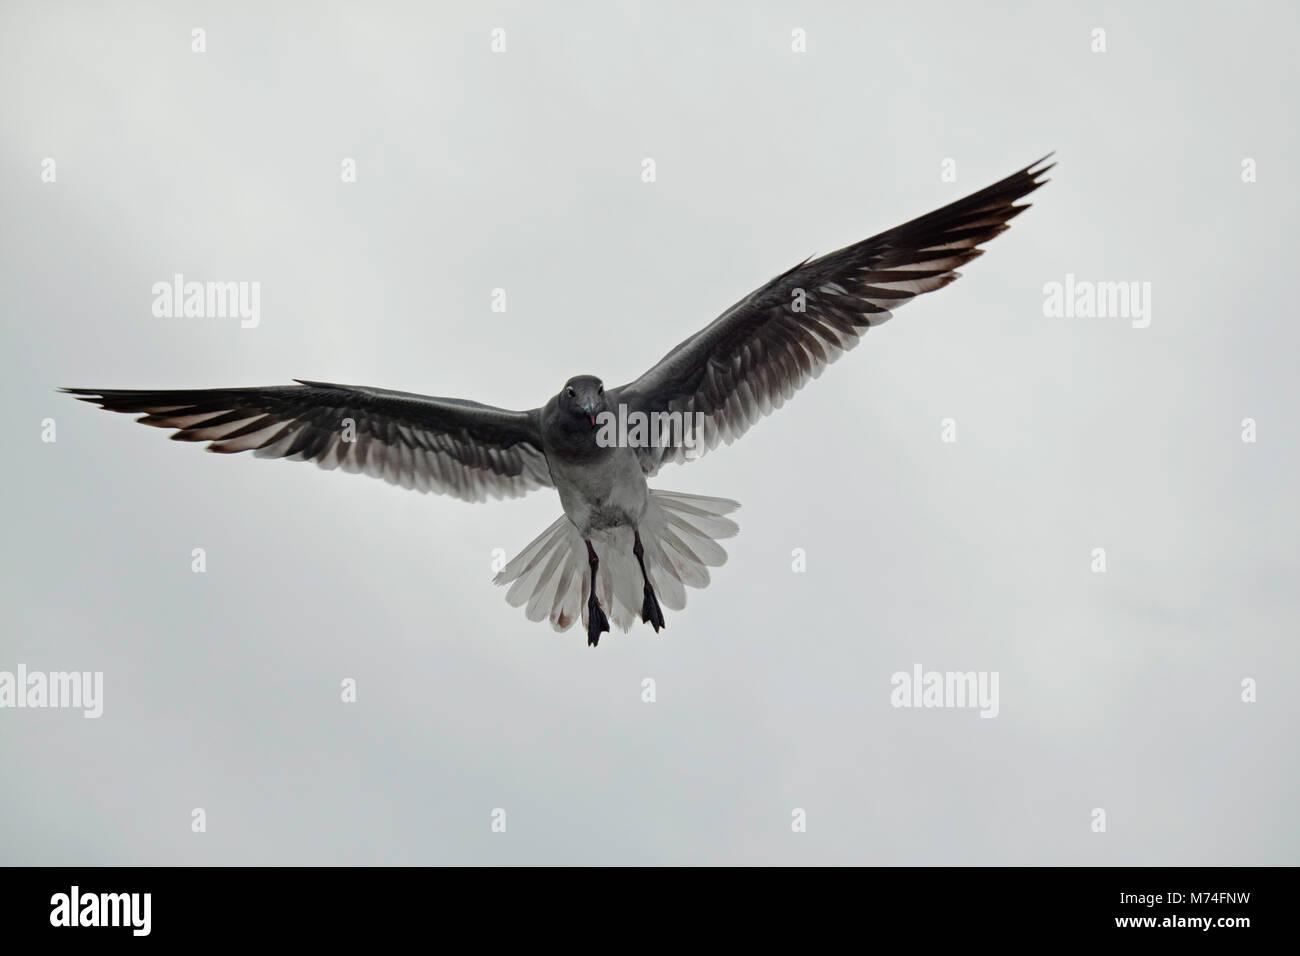 Lava Gull, Larus fuliginosus, im Flug über die Insel Santa Cruz. Mit der Bevölkerung auf weniger als 800 Stockbild